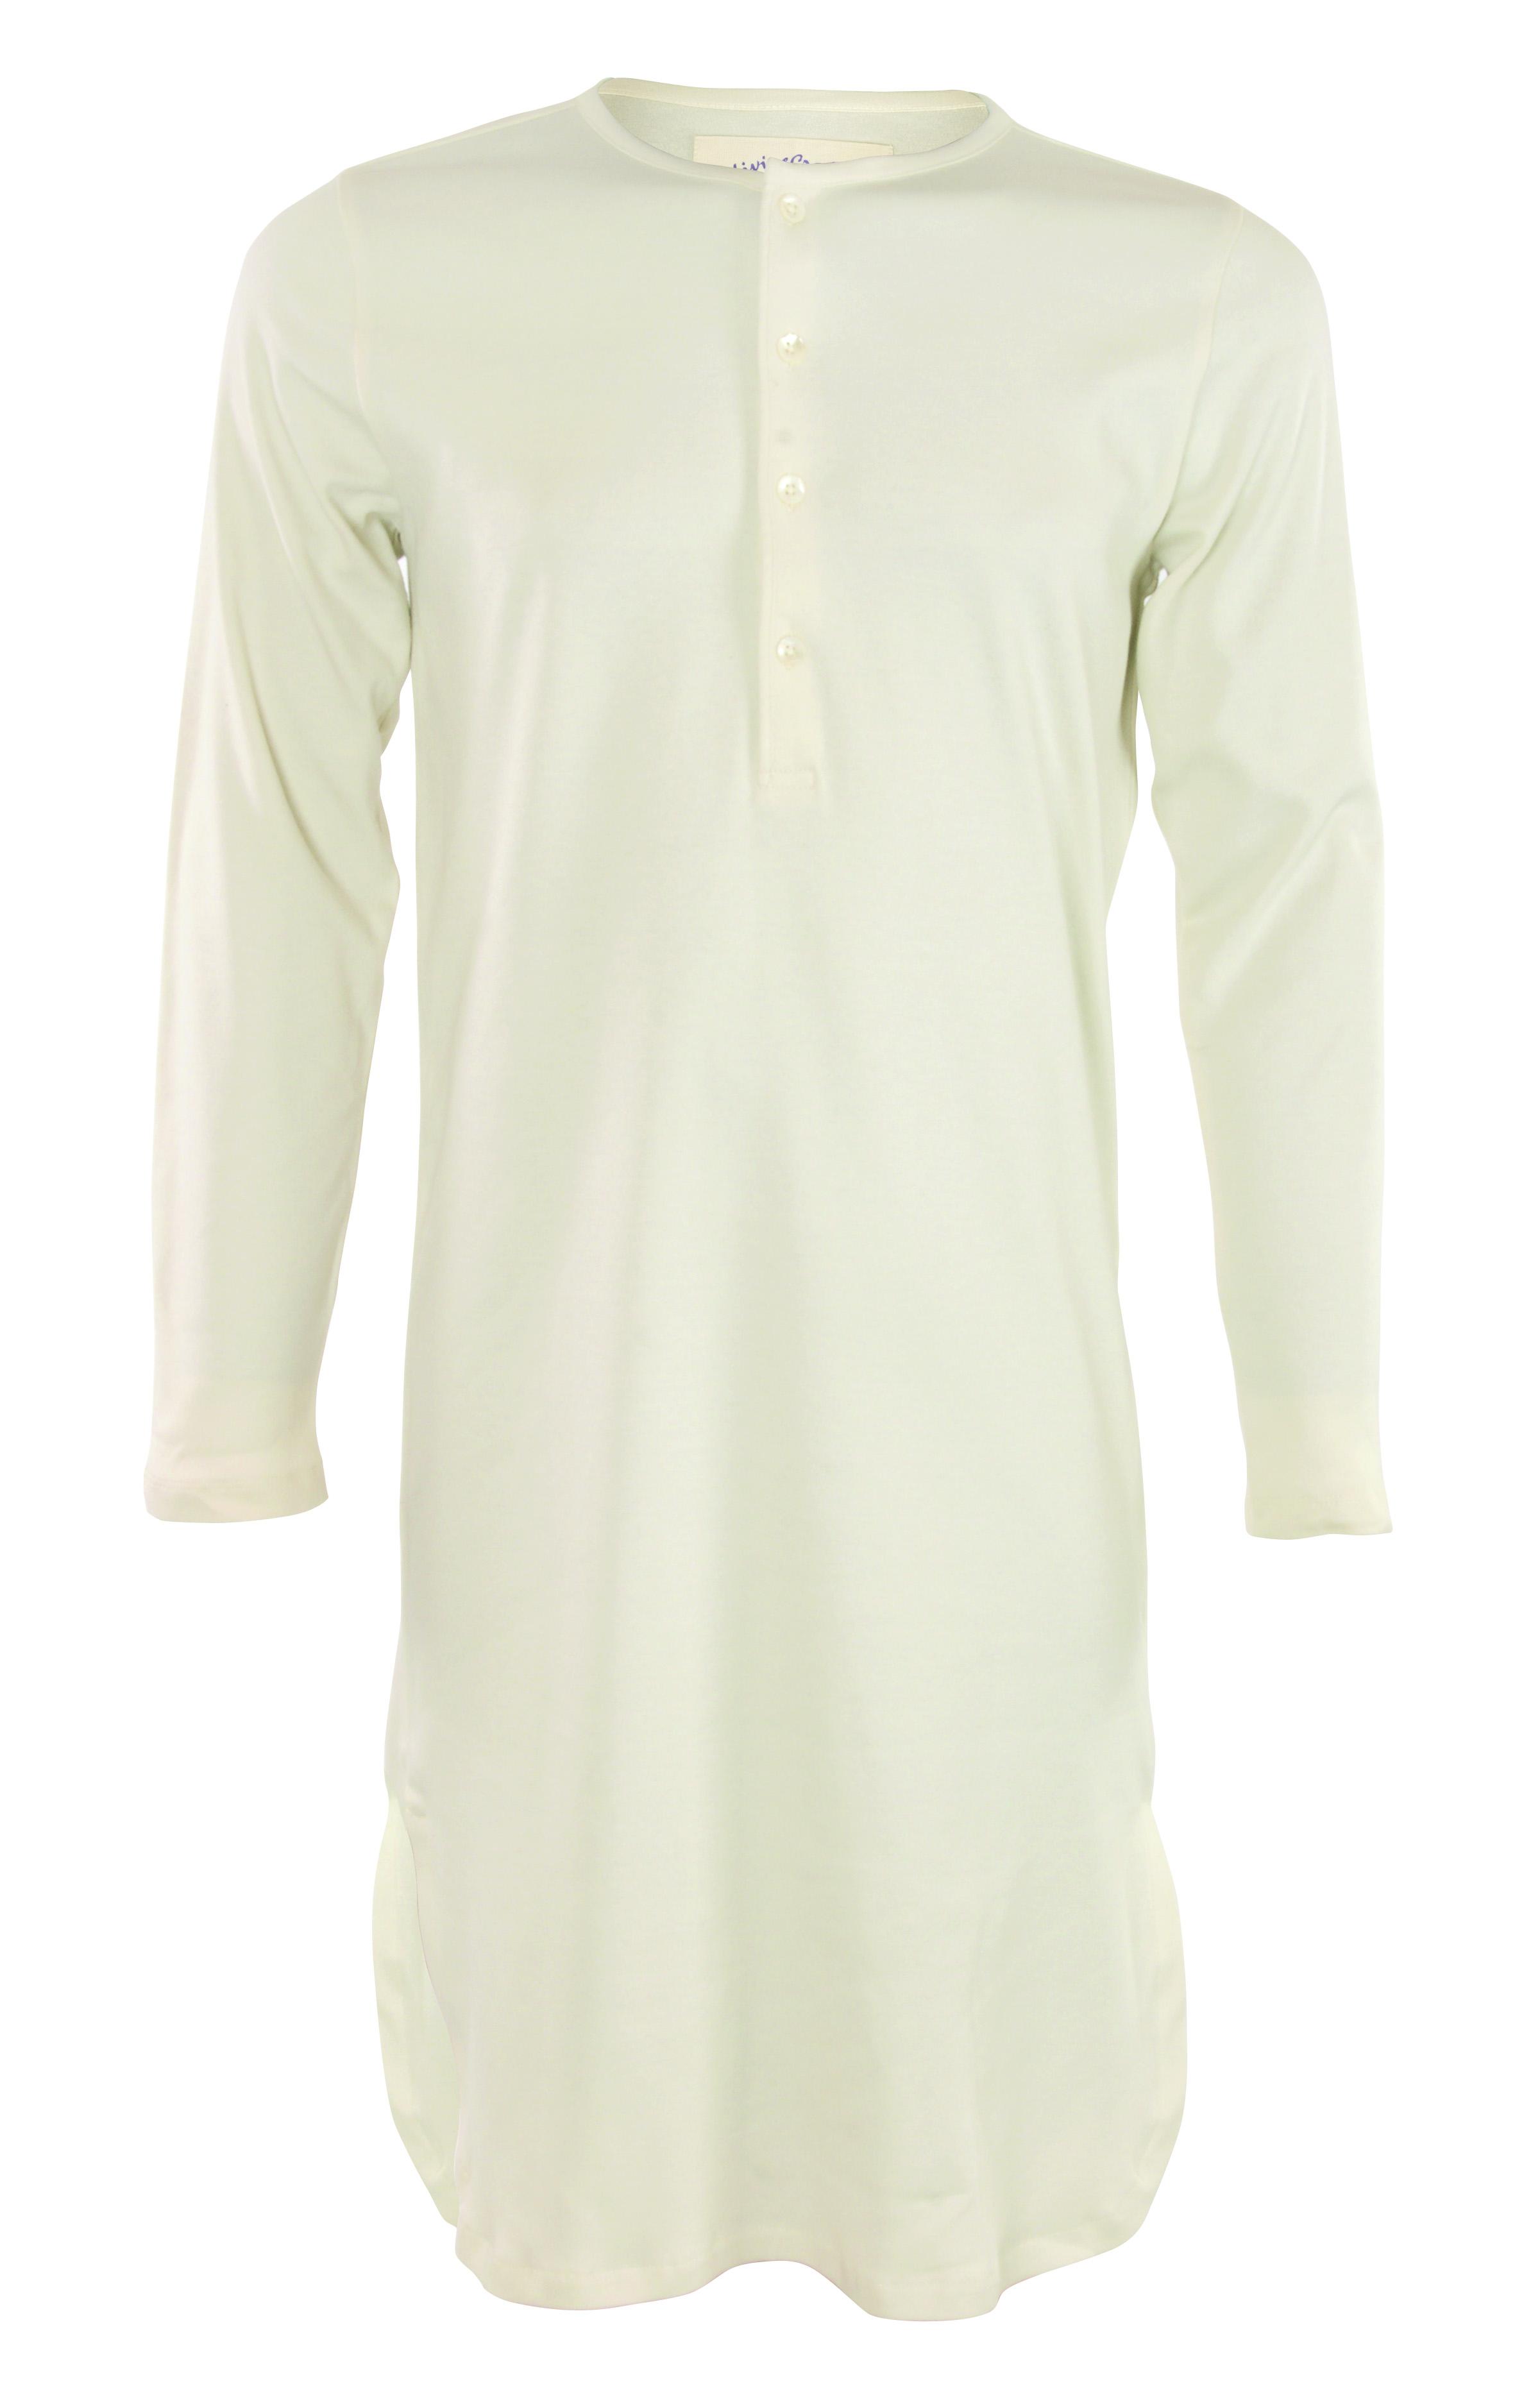 nachthemd langarm mit knopfleiste weiche bio baumwolle. Black Bedroom Furniture Sets. Home Design Ideas